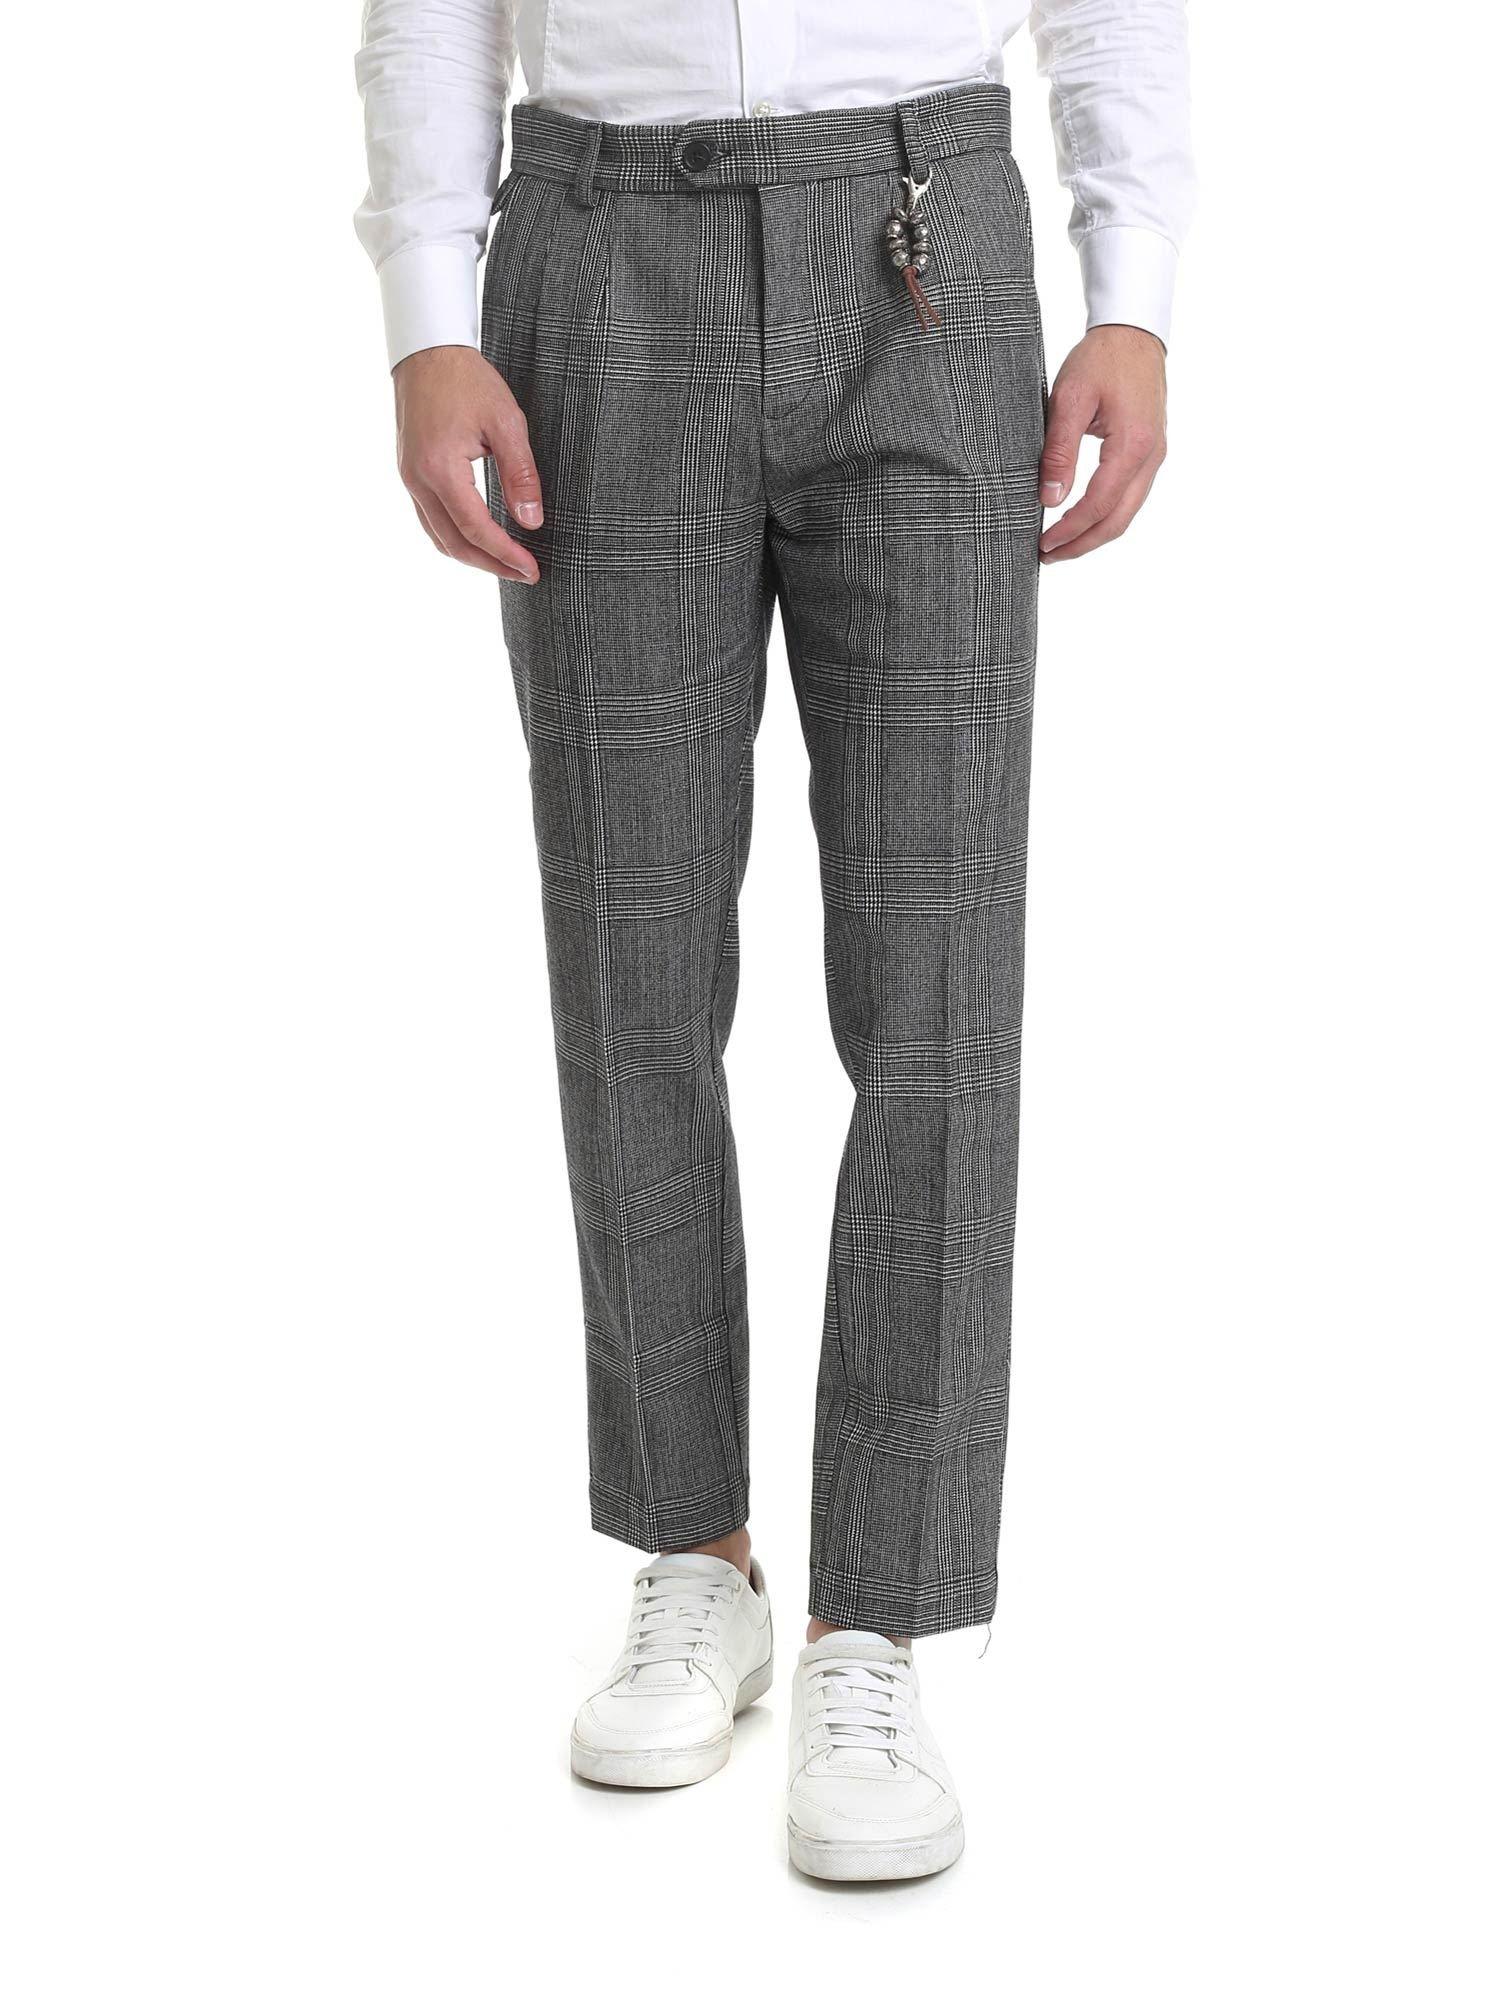 Image of Pantalone R101 quadri grigio